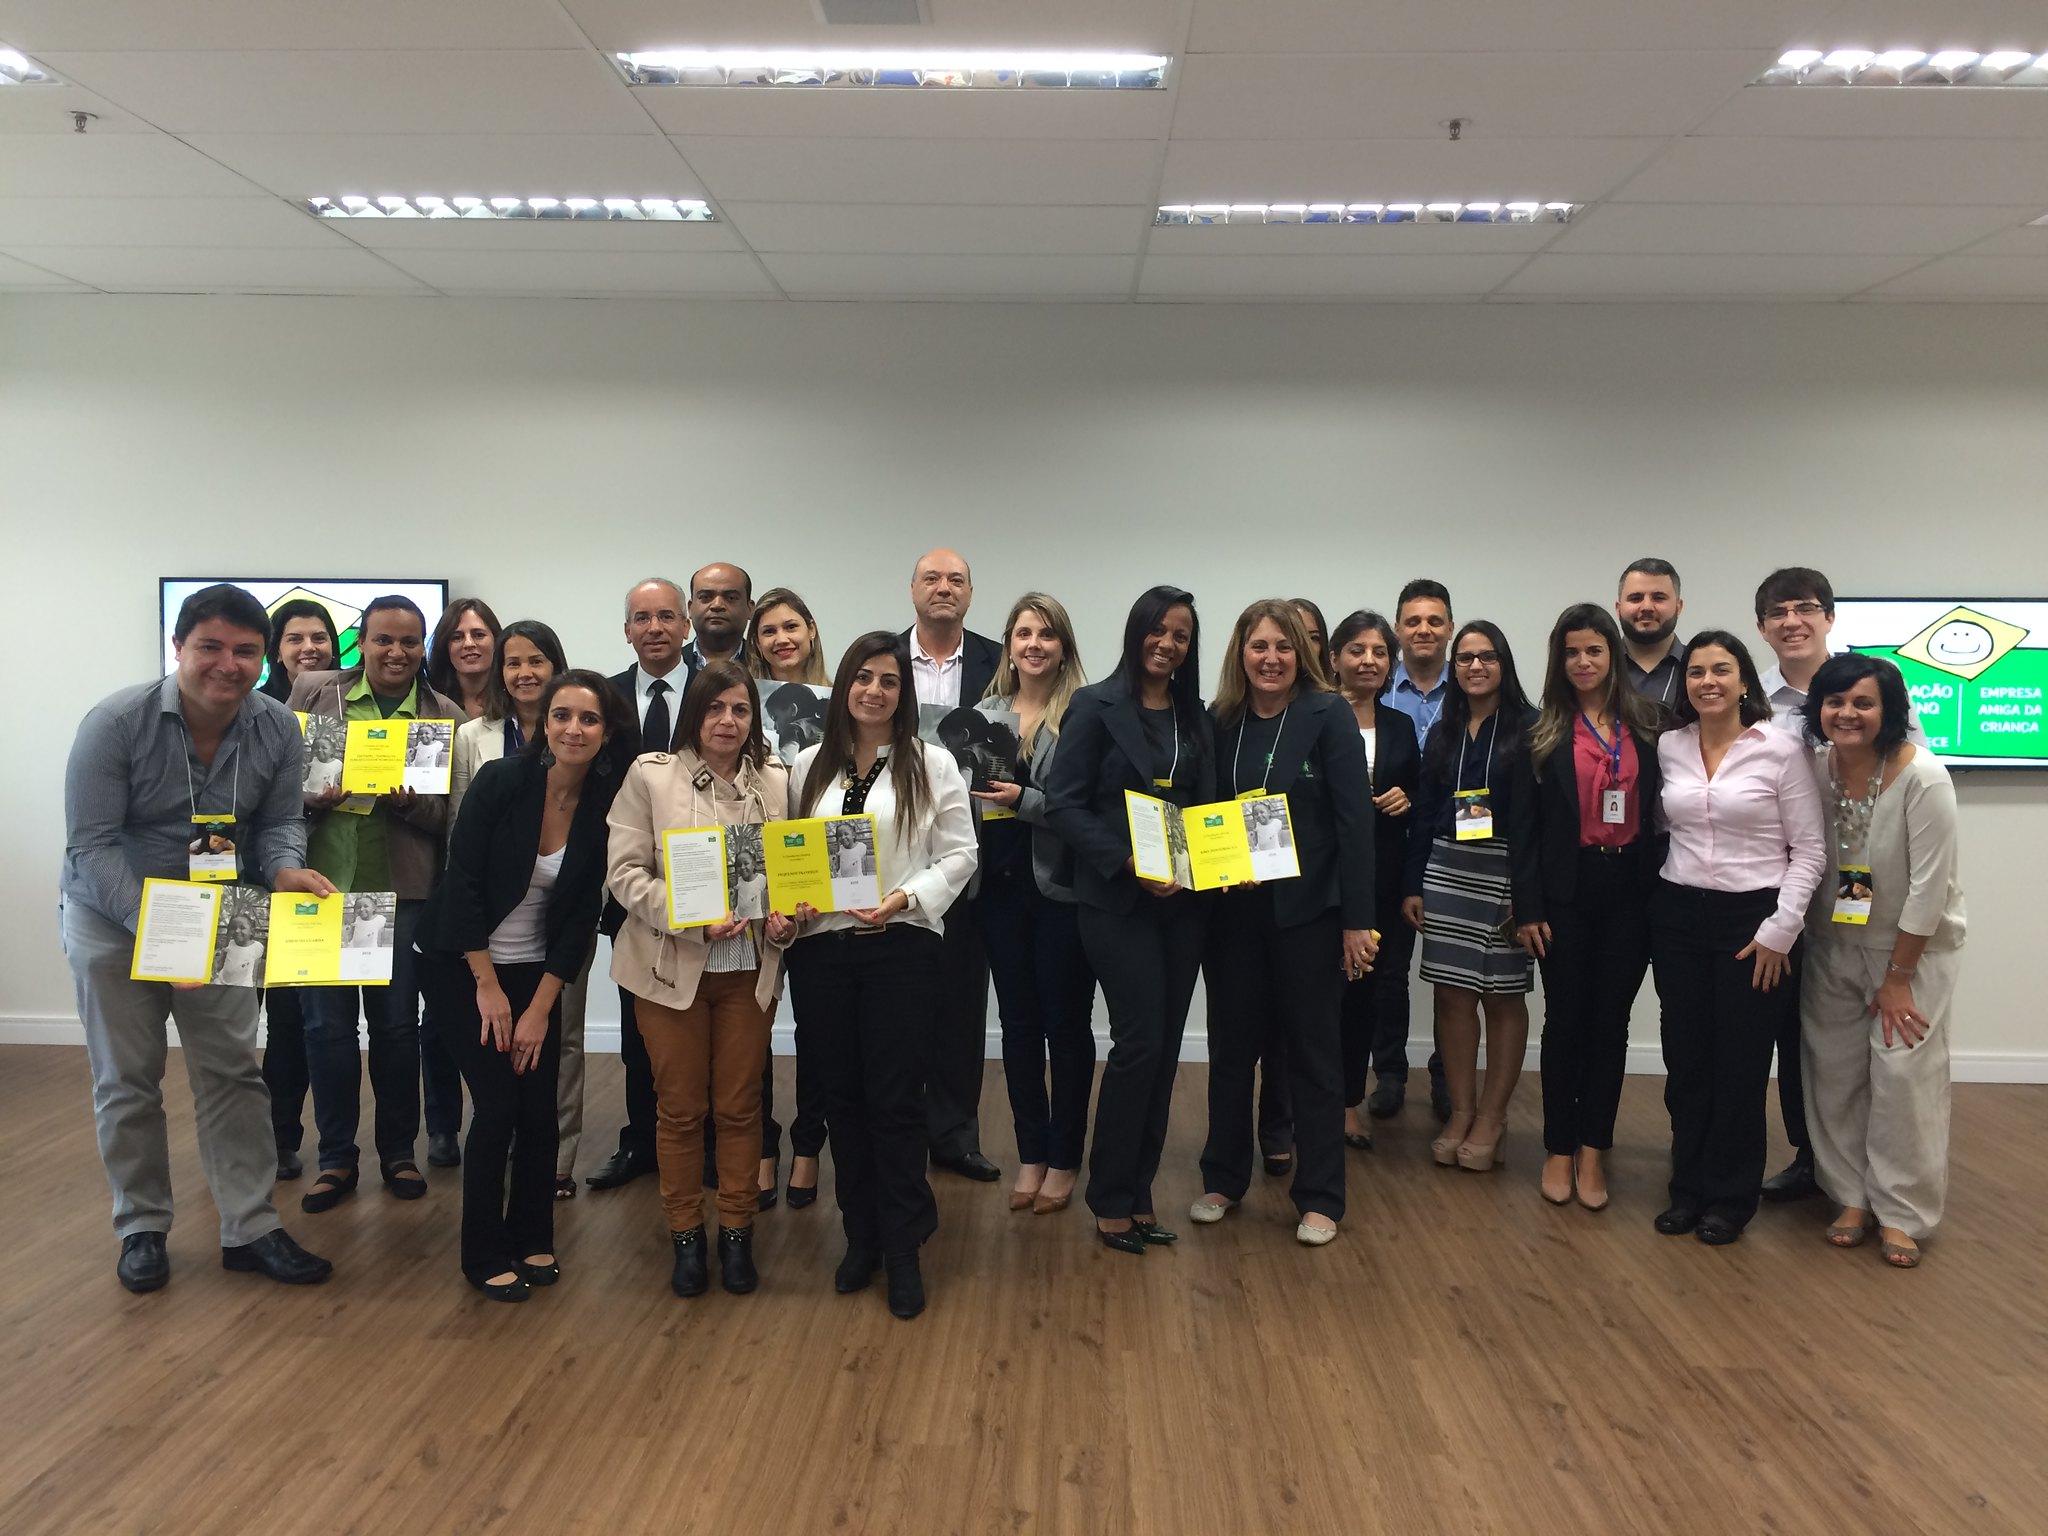 Encontro das Empresas Amigas da Criança de Minas Gerais e região